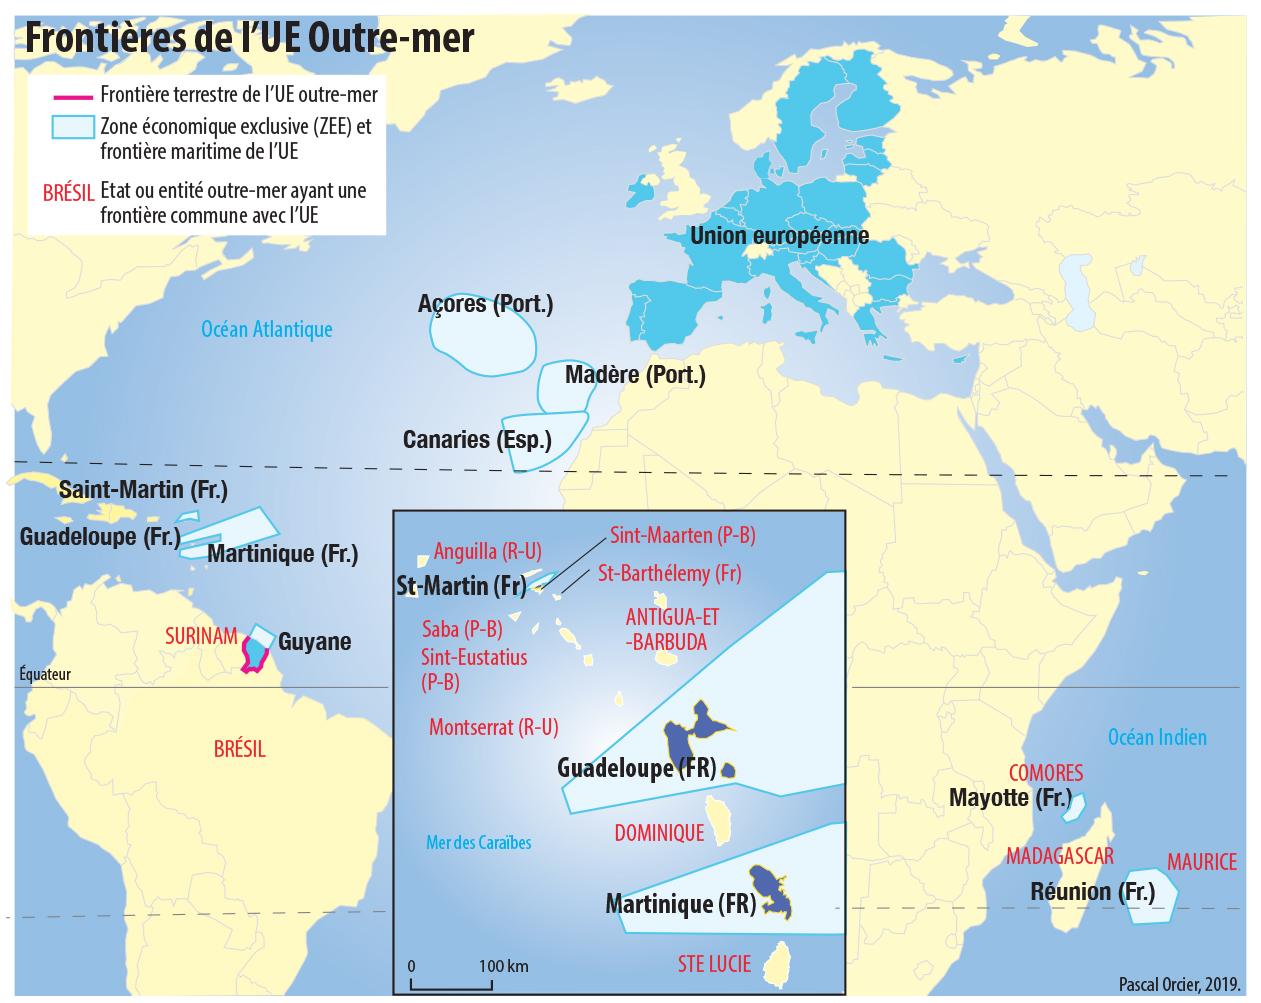 Pascal Orcier — Carte frontières ultramarines de l'UE